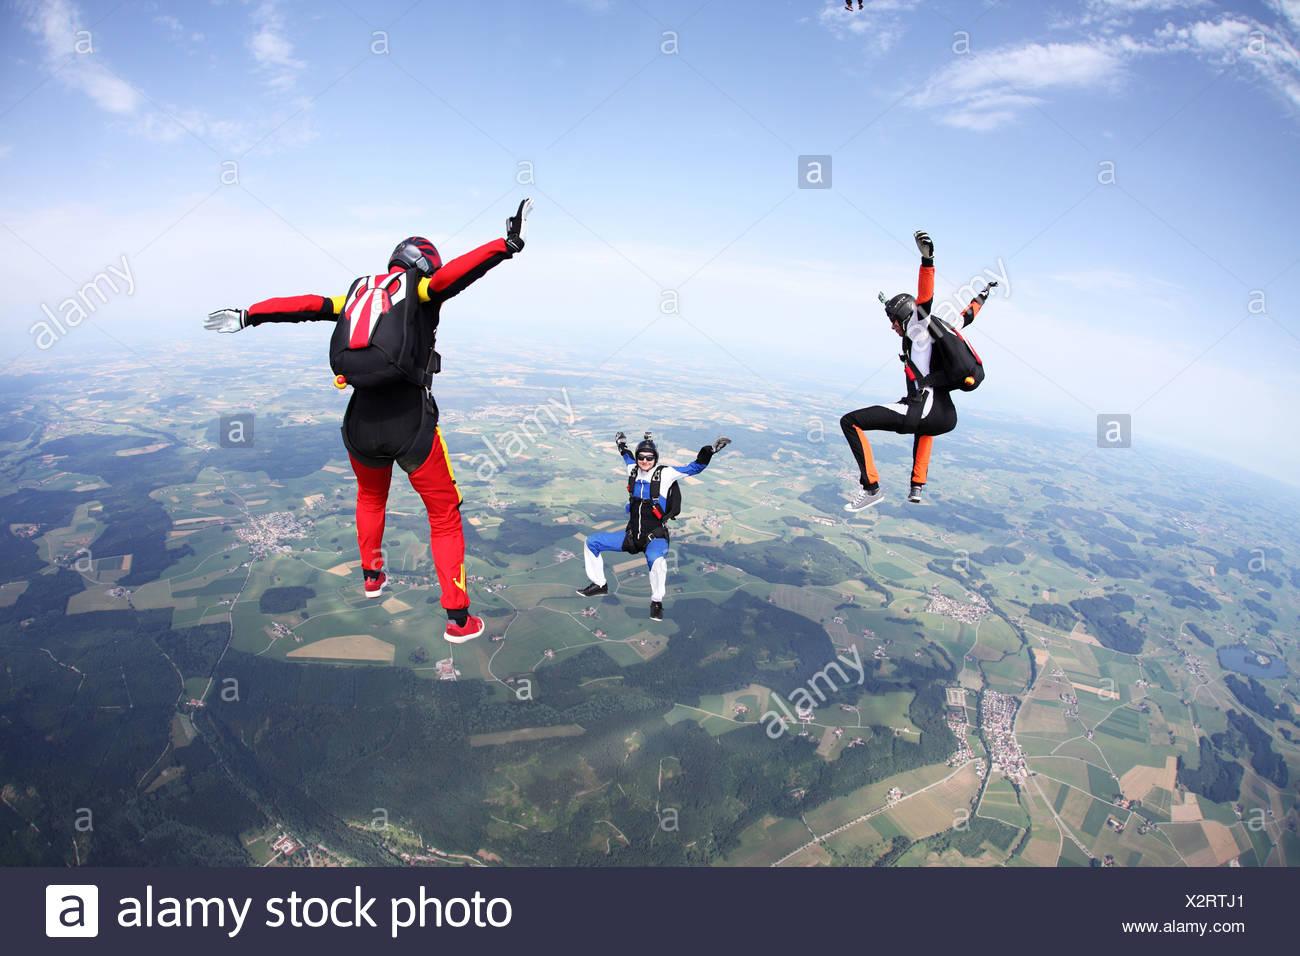 Tre skydivers in caduta libera al di sopra di Leutkirch, Baviera, Germania Immagini Stock